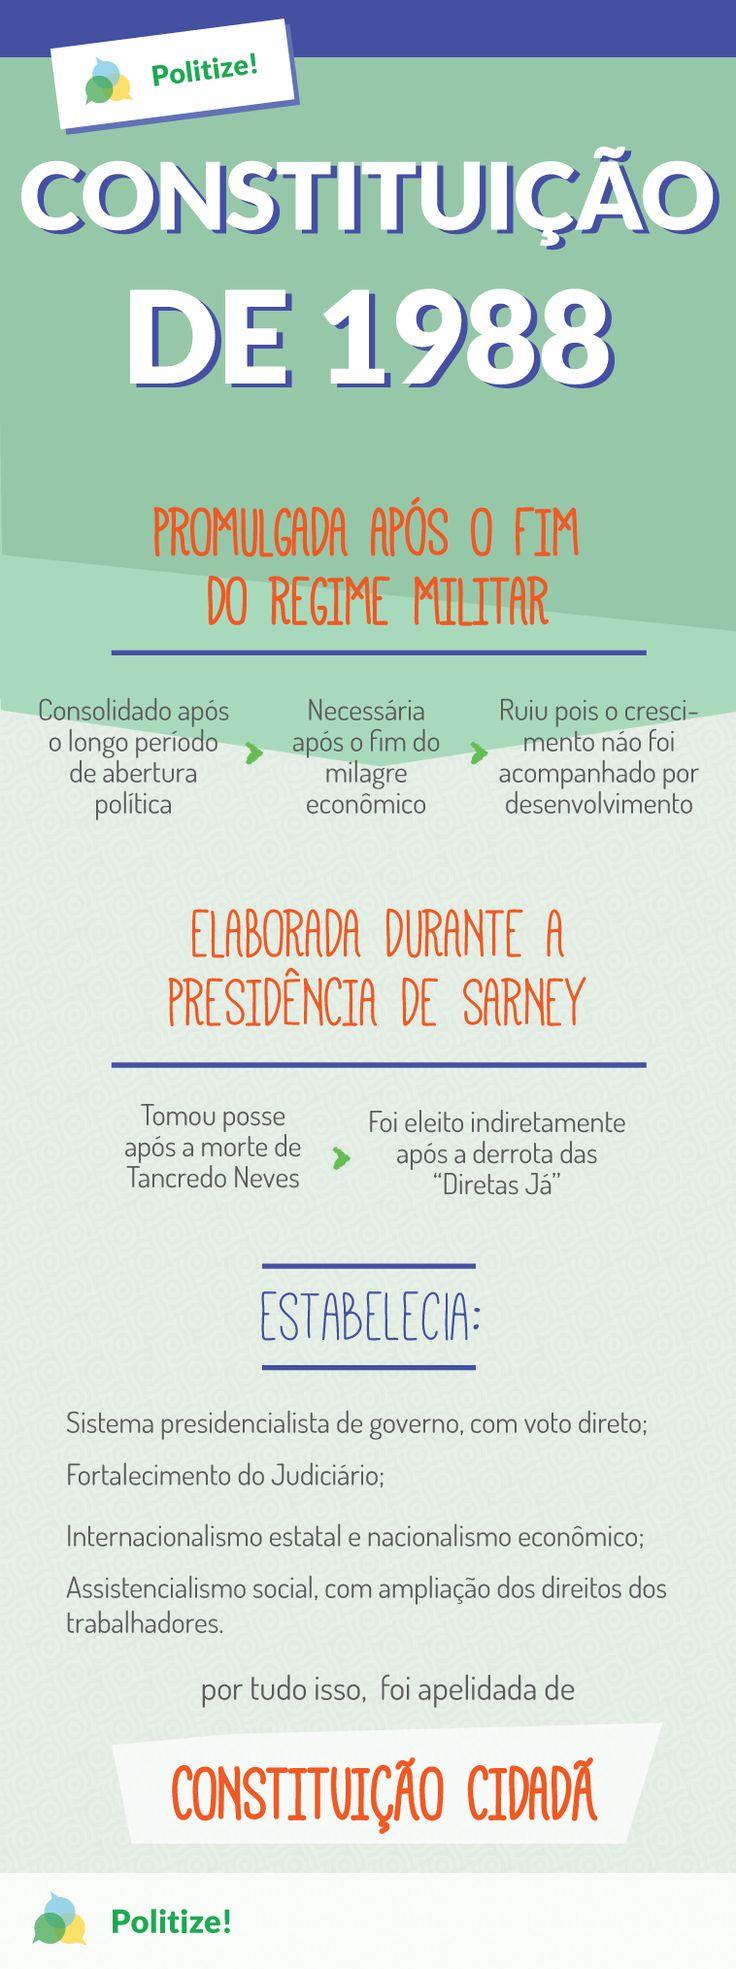 A Constituição de 1988, conhecida como Constituição Cidadã, é a que rege todo o ordenamento jurídico brasileiro hoje. Vamos aprender como chegamos até essa Constituição?